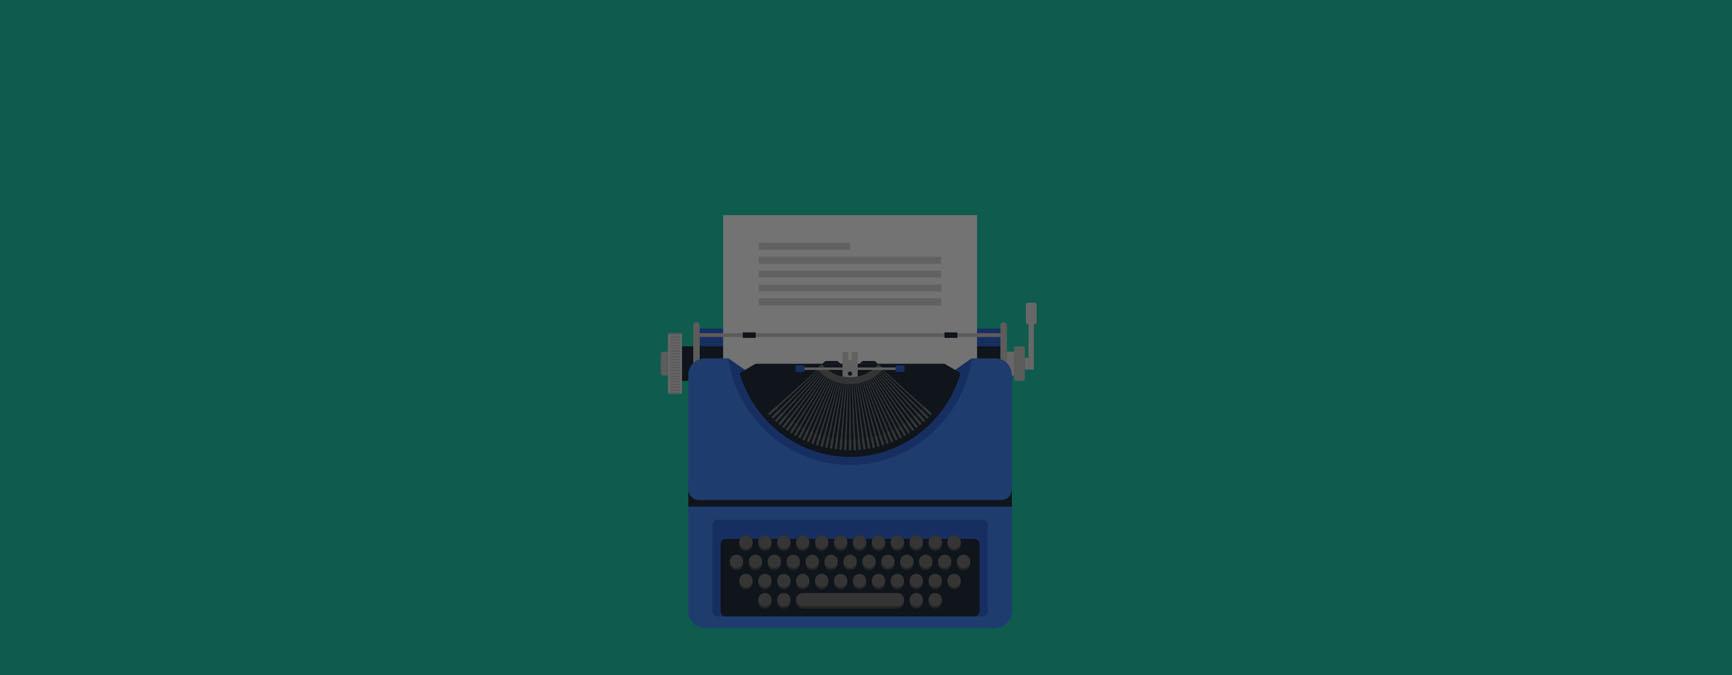 نویسندگی تجربه کاربری UX Writing چیست؟